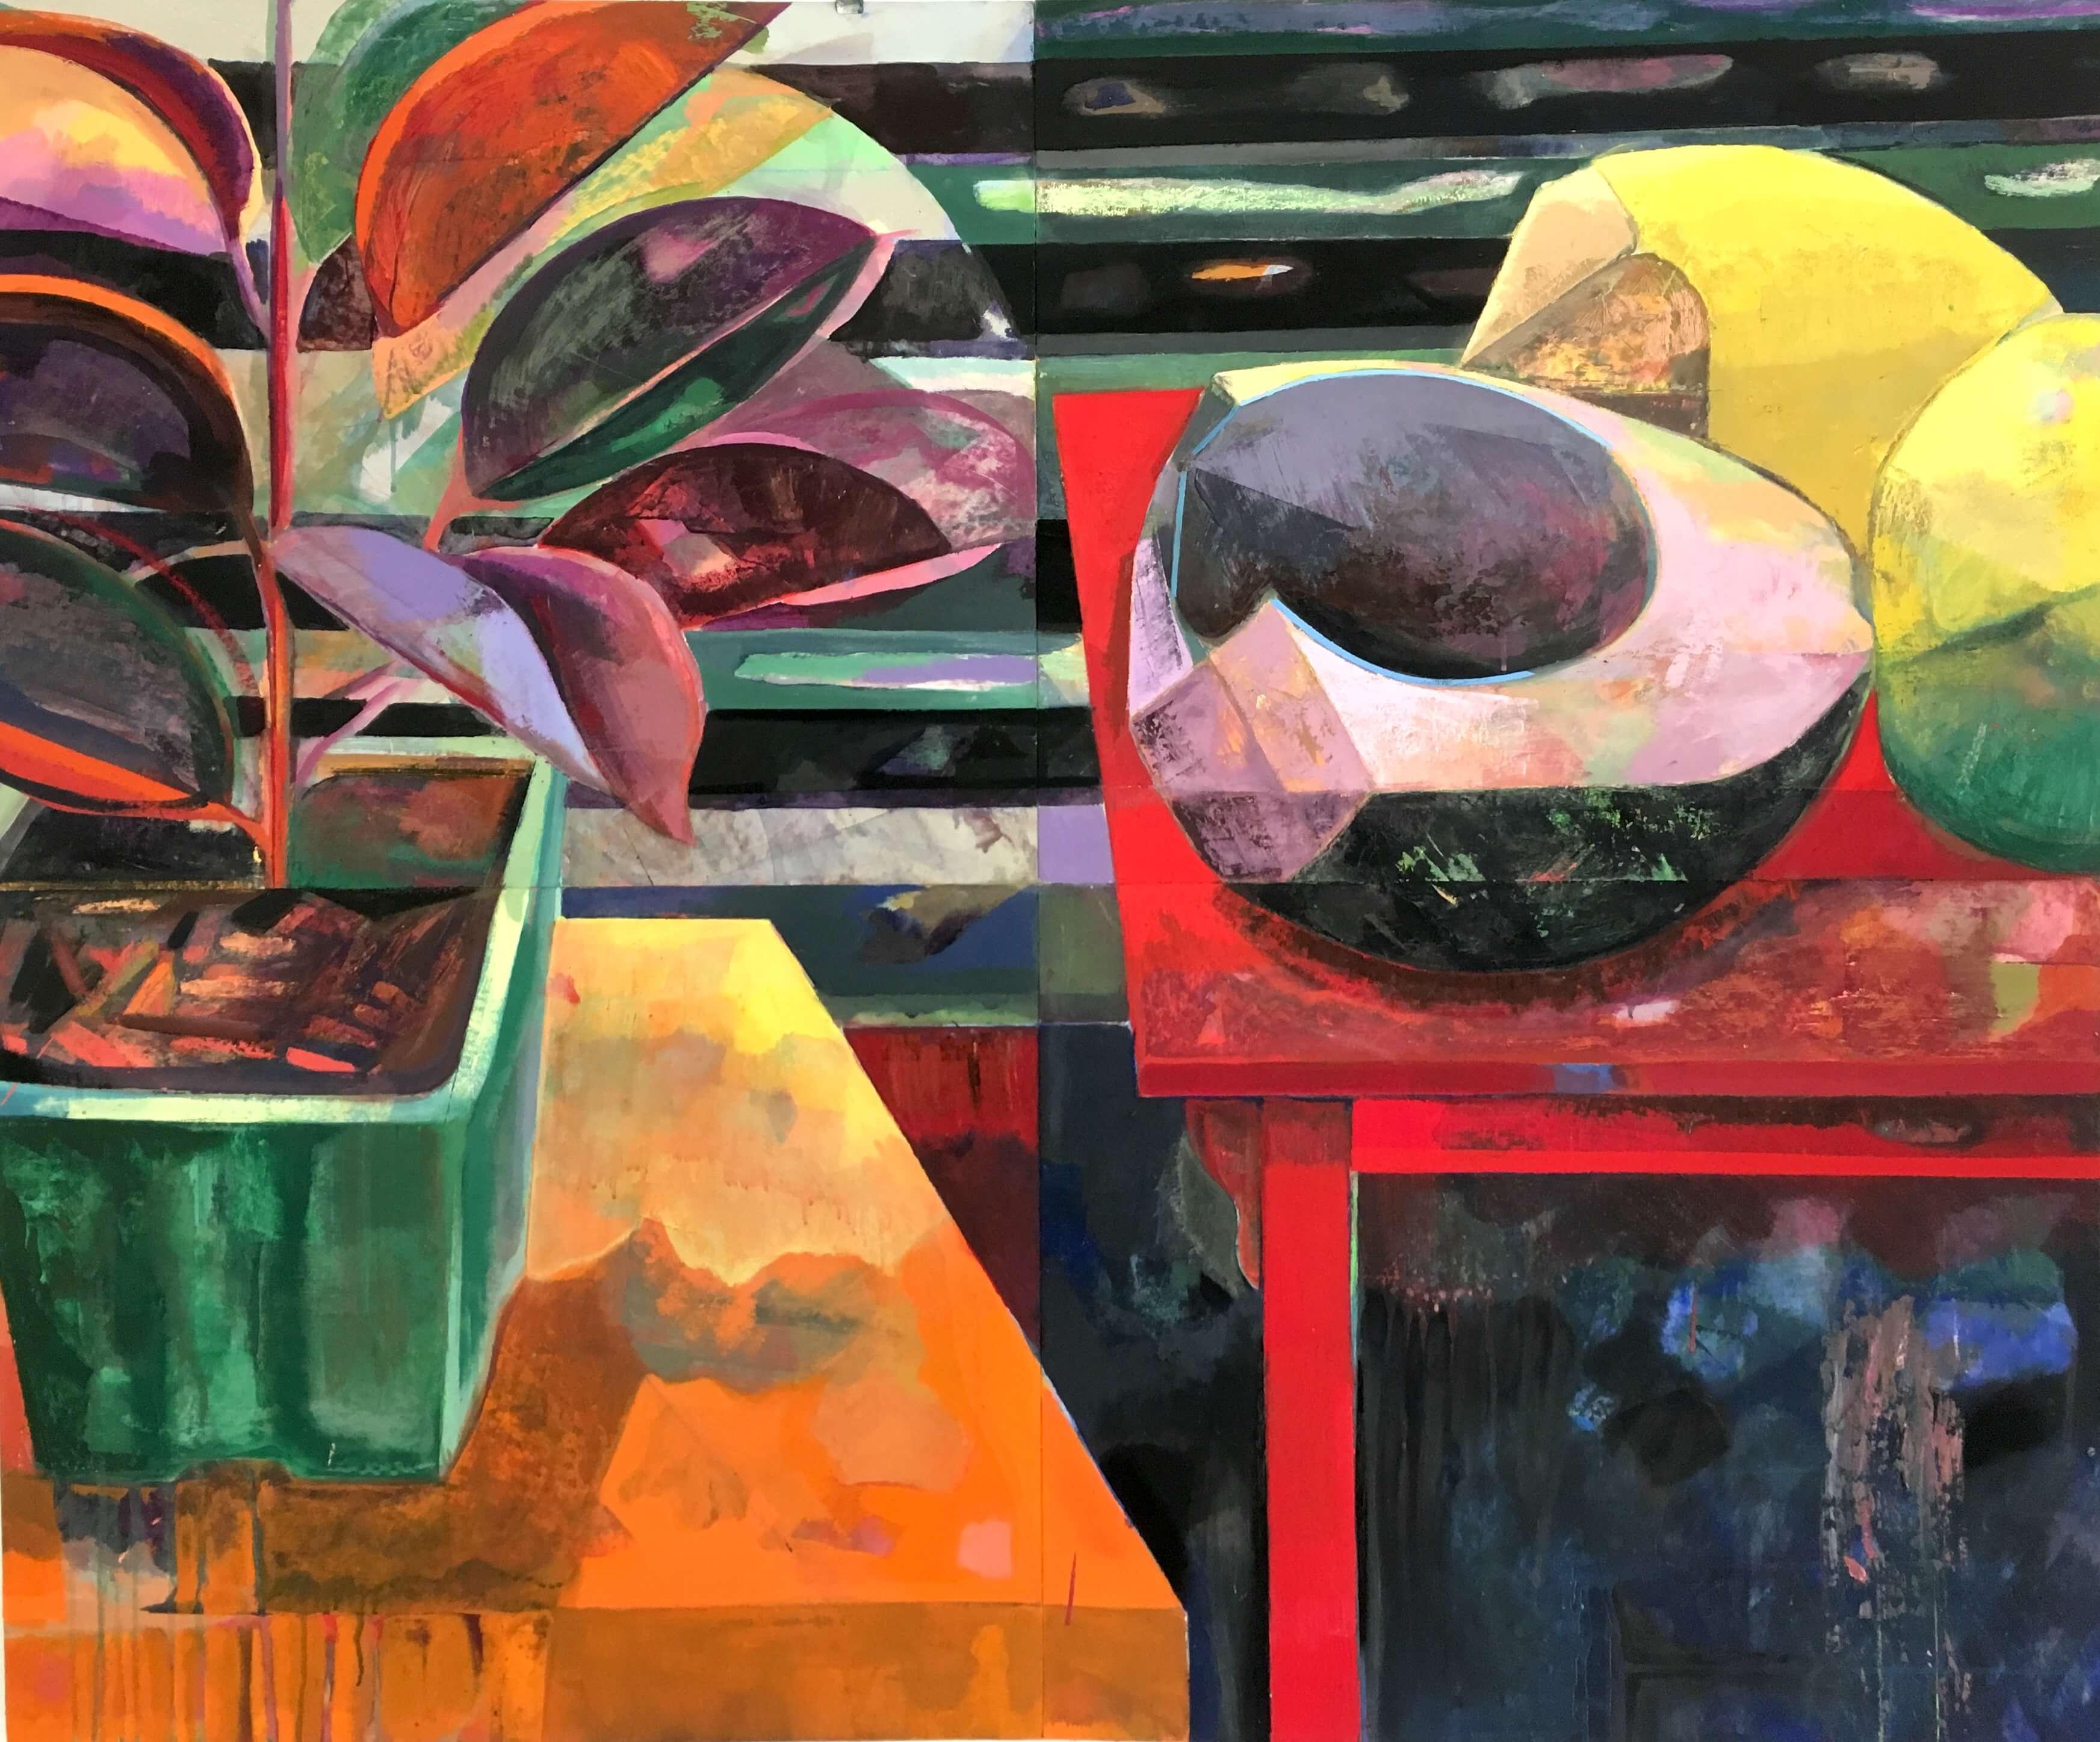 Che Lovelace, Komposition mit Gummibaum und schwarzer Kokosnuss, 2017, Verschiedene Pigmente an Bord, 127 x 152.4 cm, mit freundlicher Genehmigung der Eric Hussenot Gallery